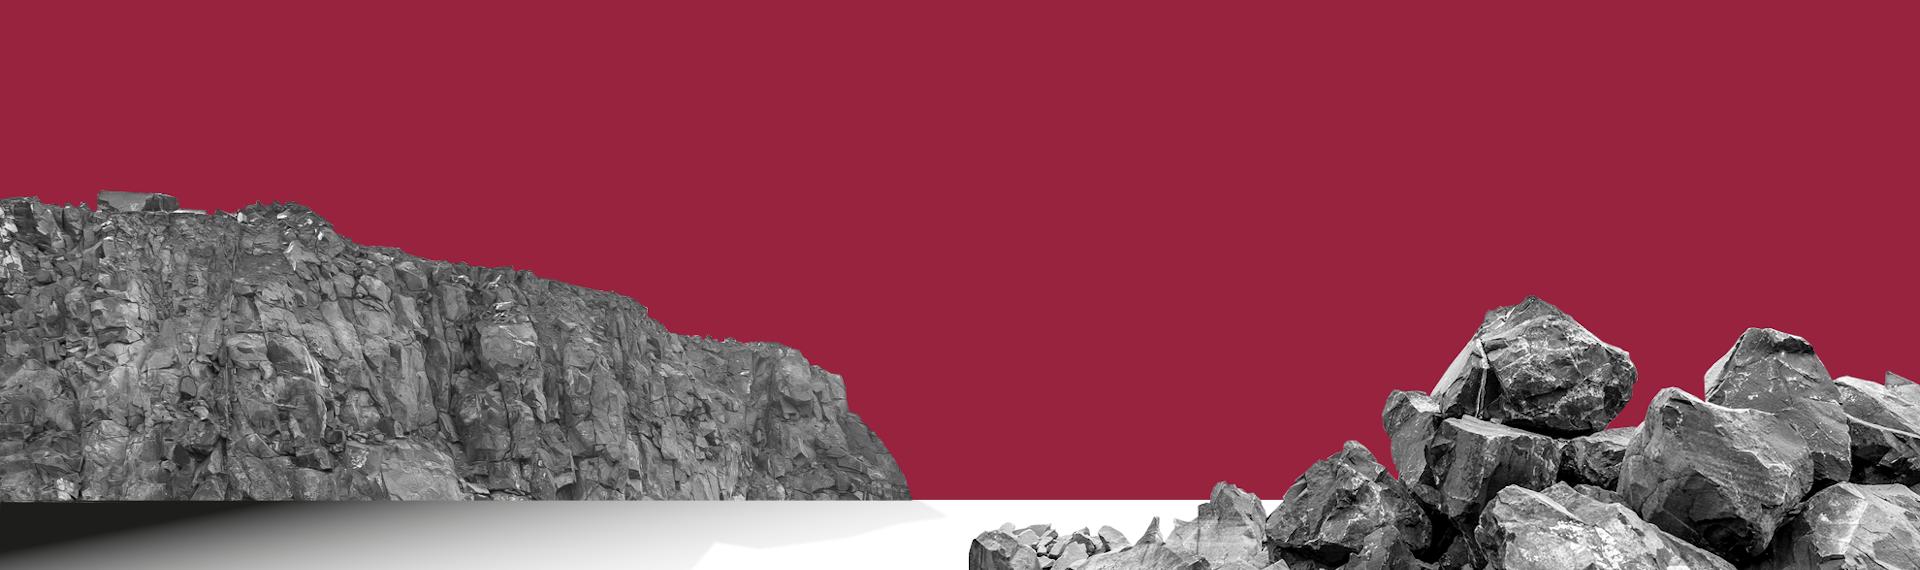 sziklák vörös háttéren